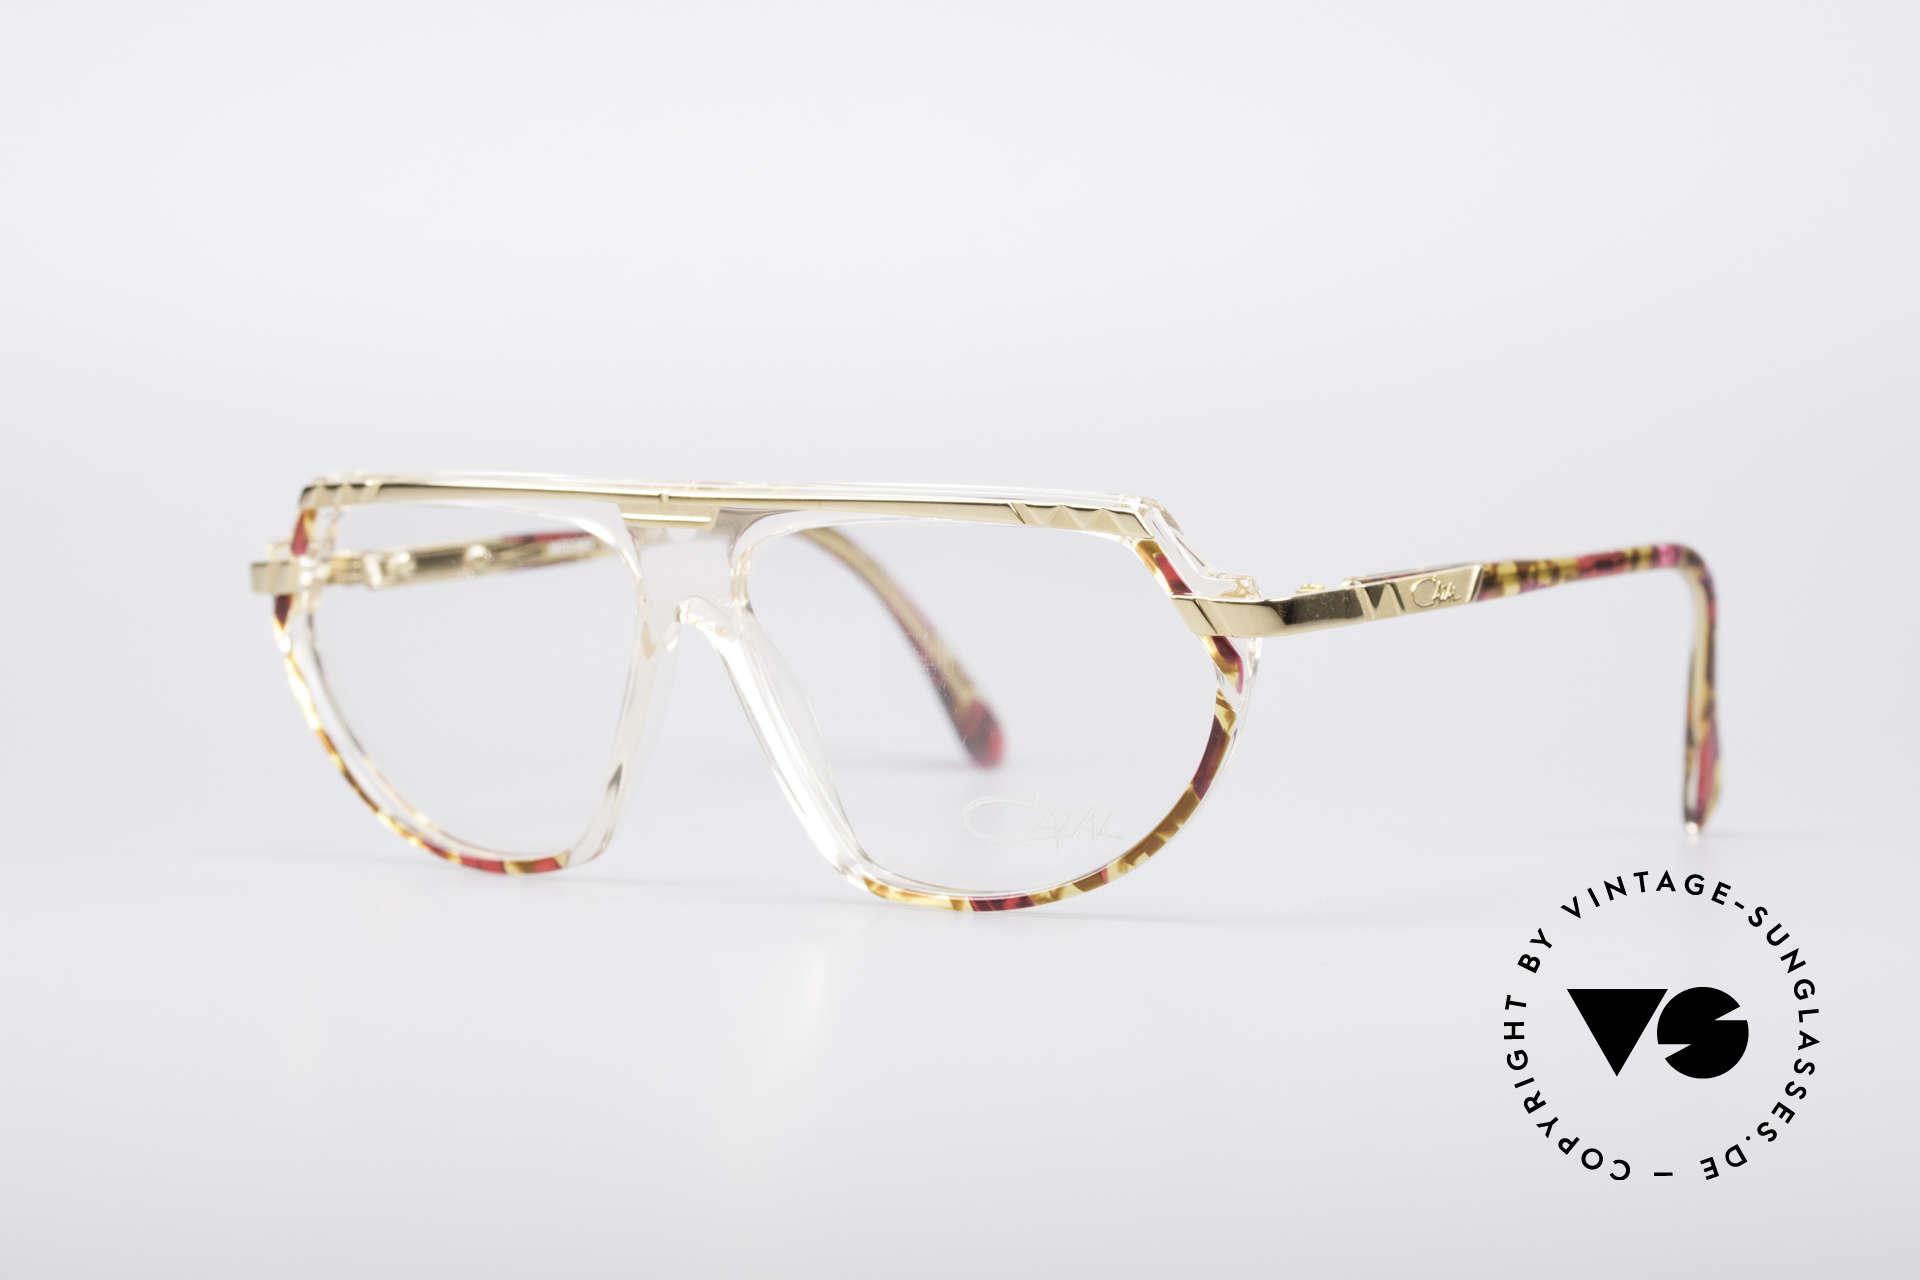 Cazal 344 Old School Kristall Brille, verziert mit Farben, Mustern und div. Applikationen, Passend für Damen